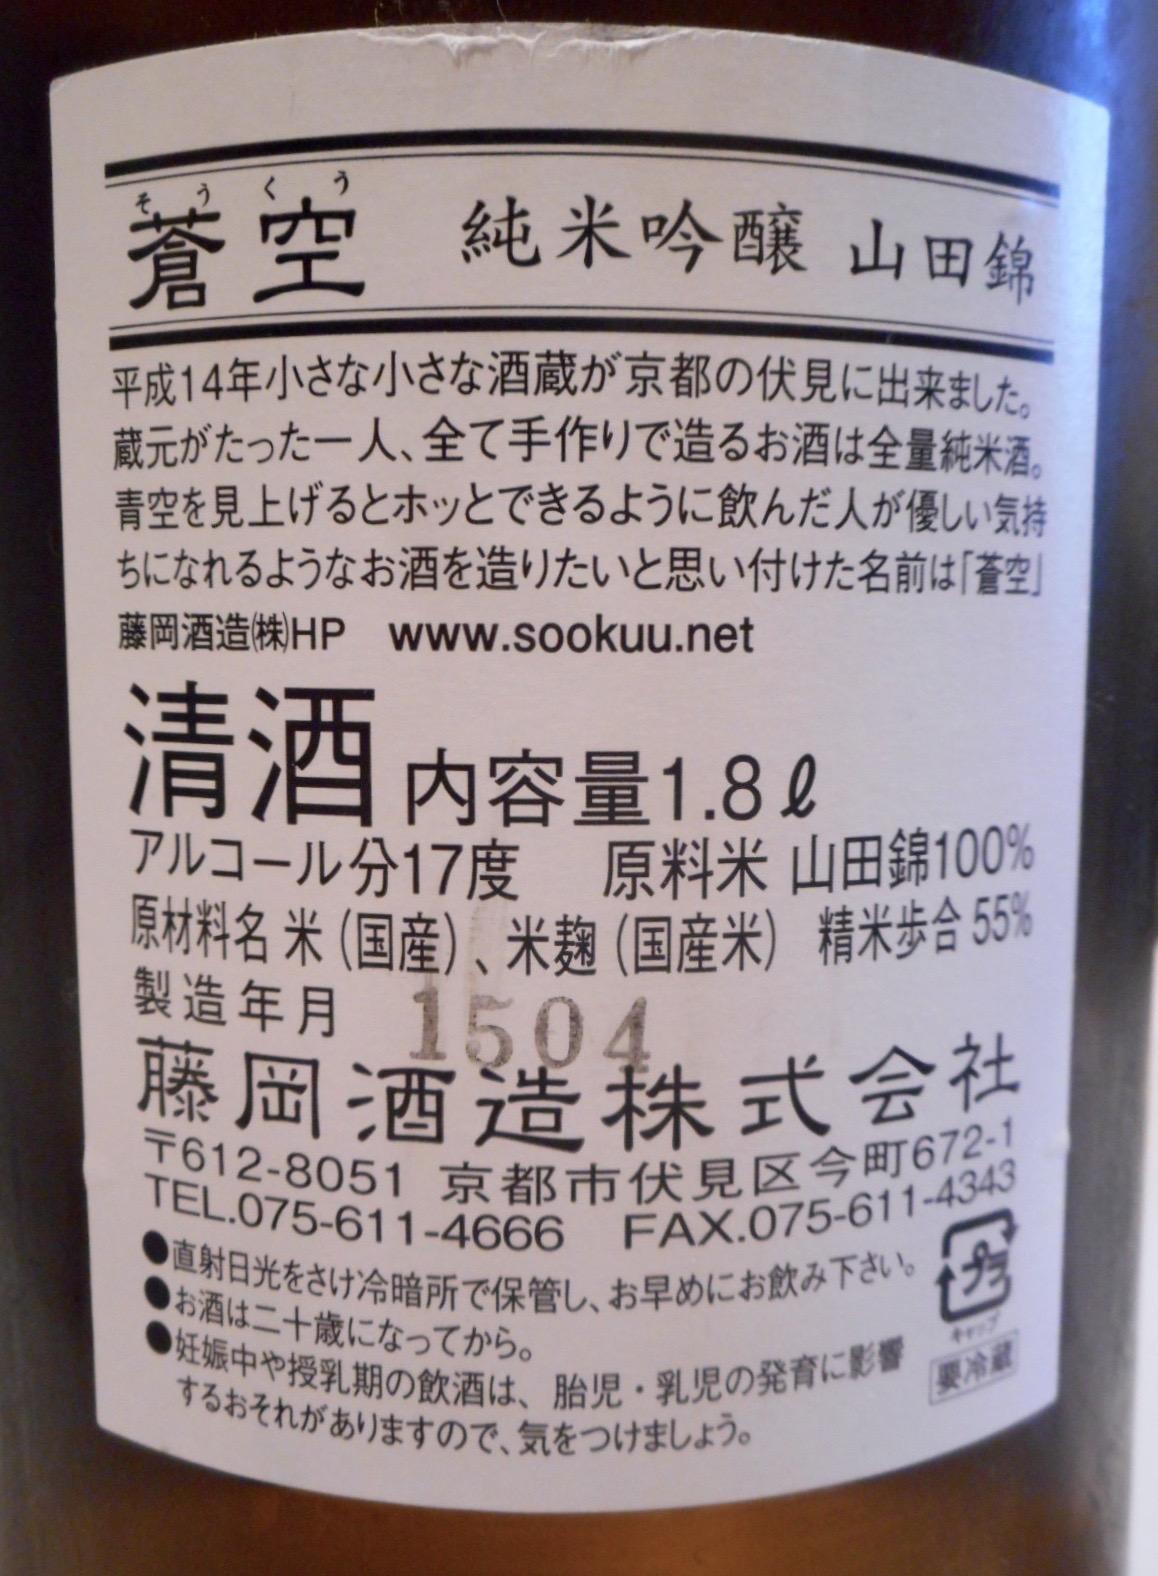 sooku_yamada3.jpg